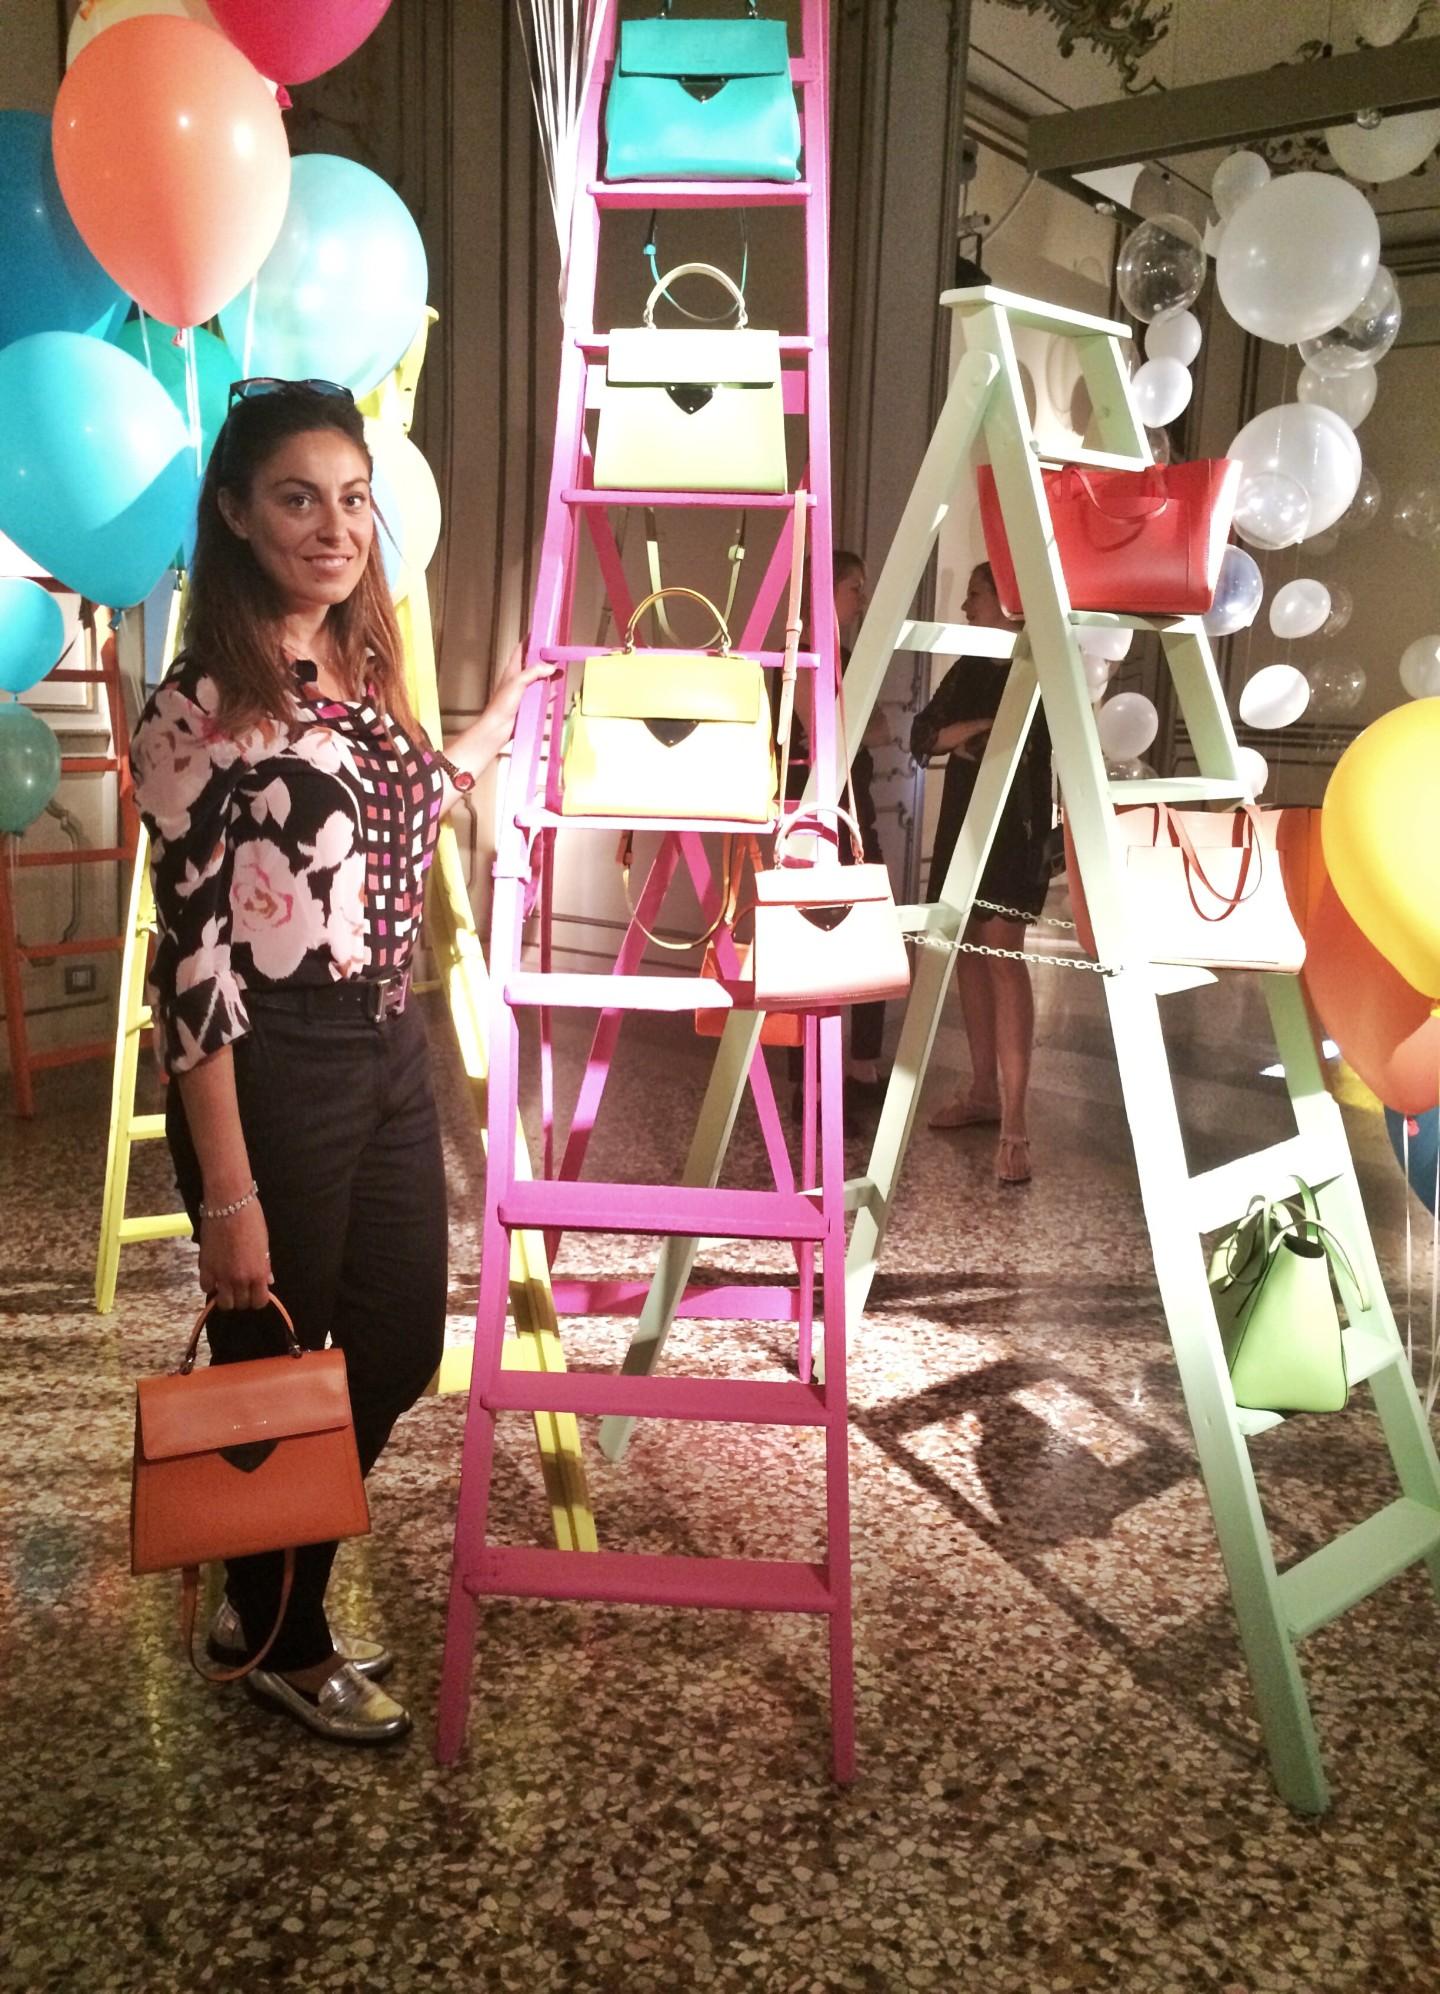 outfit-milano-fashion-week-camera-moda-gae-aulenti-fashion-blogger-blogger-italia-valentina-coco-coccinelle-collezione-2016